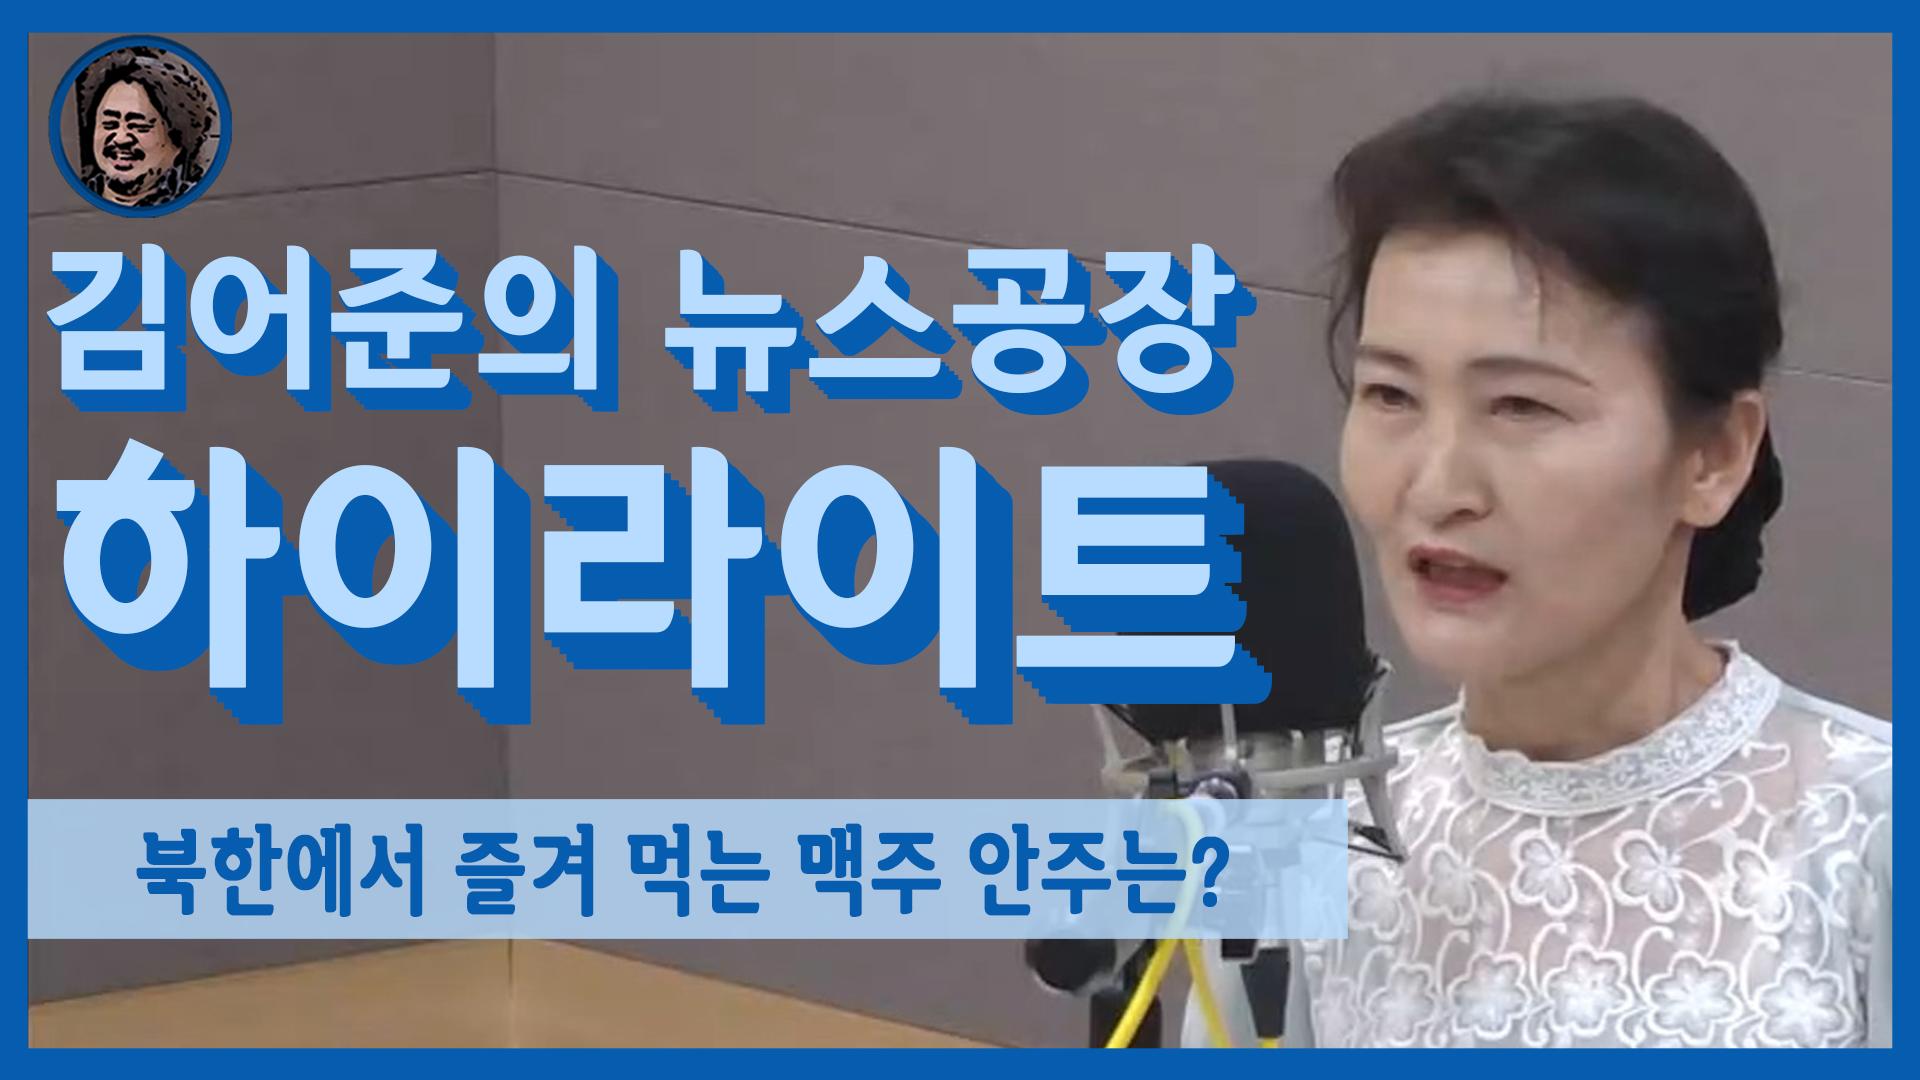 [김어준의 뉴스공장-하이라이트]북한에서 즐겨 먹는 맥주 안주는?